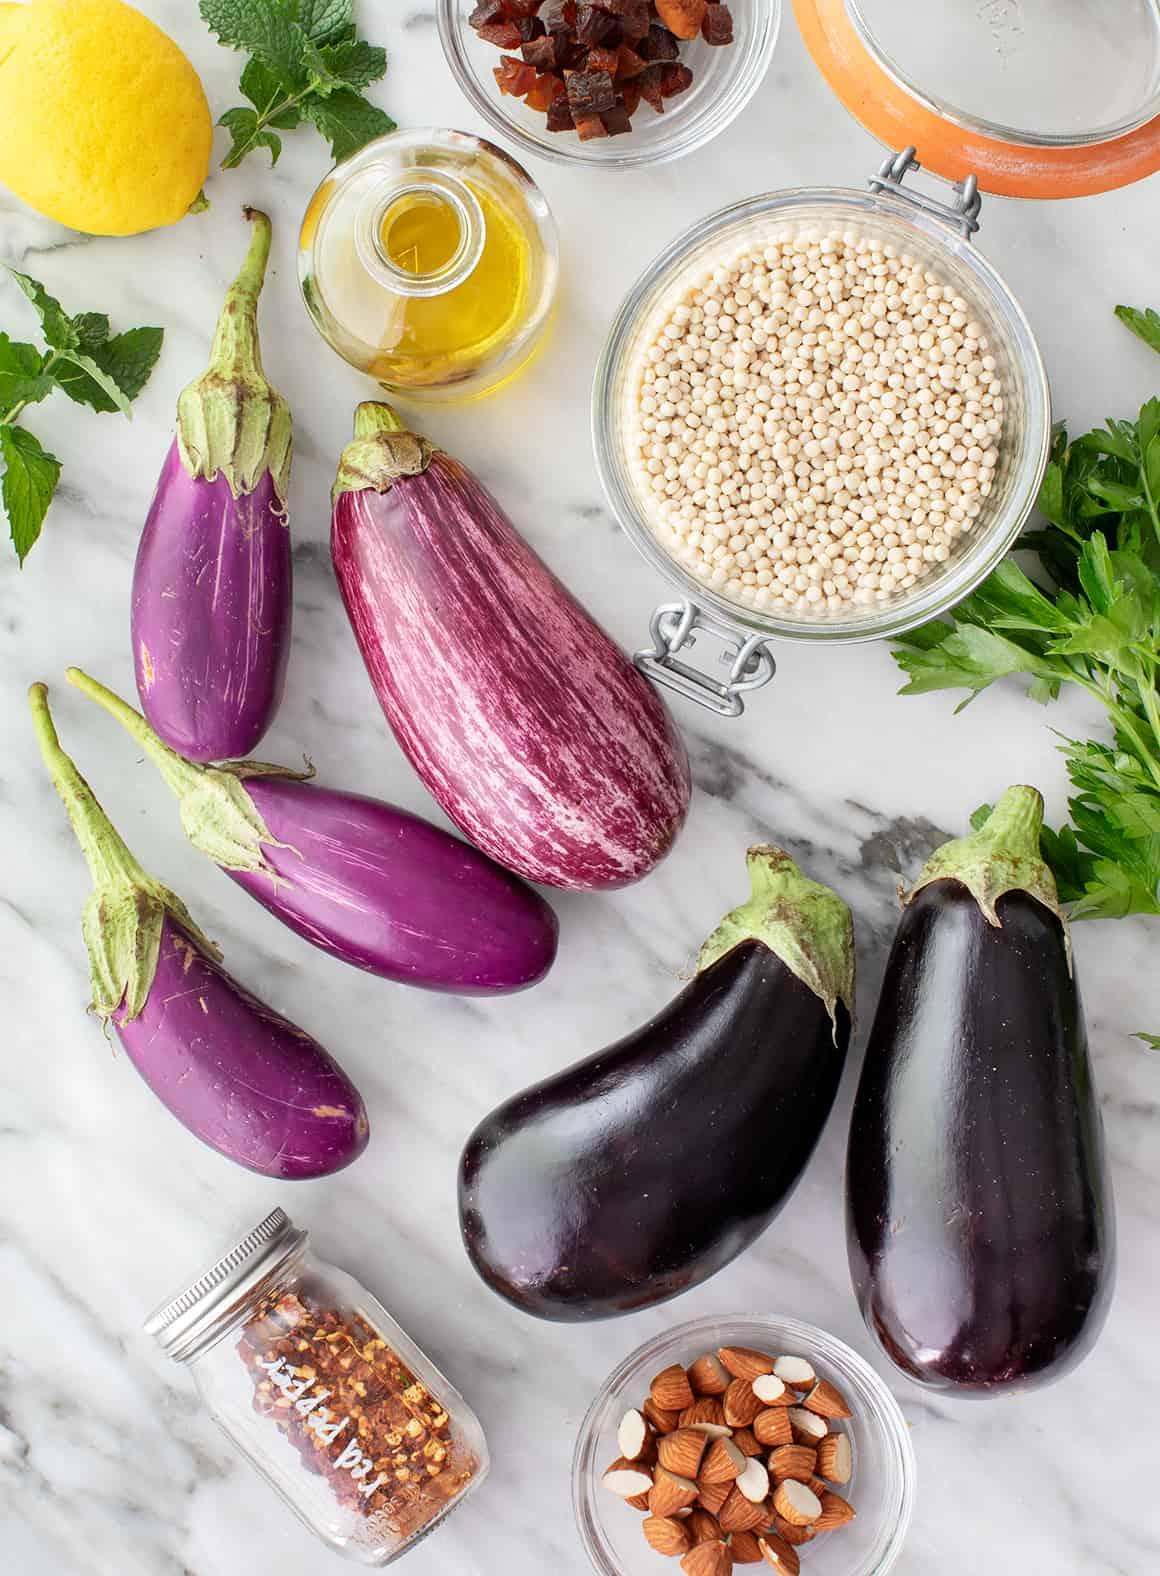 12 Easy Eggplant Recipes